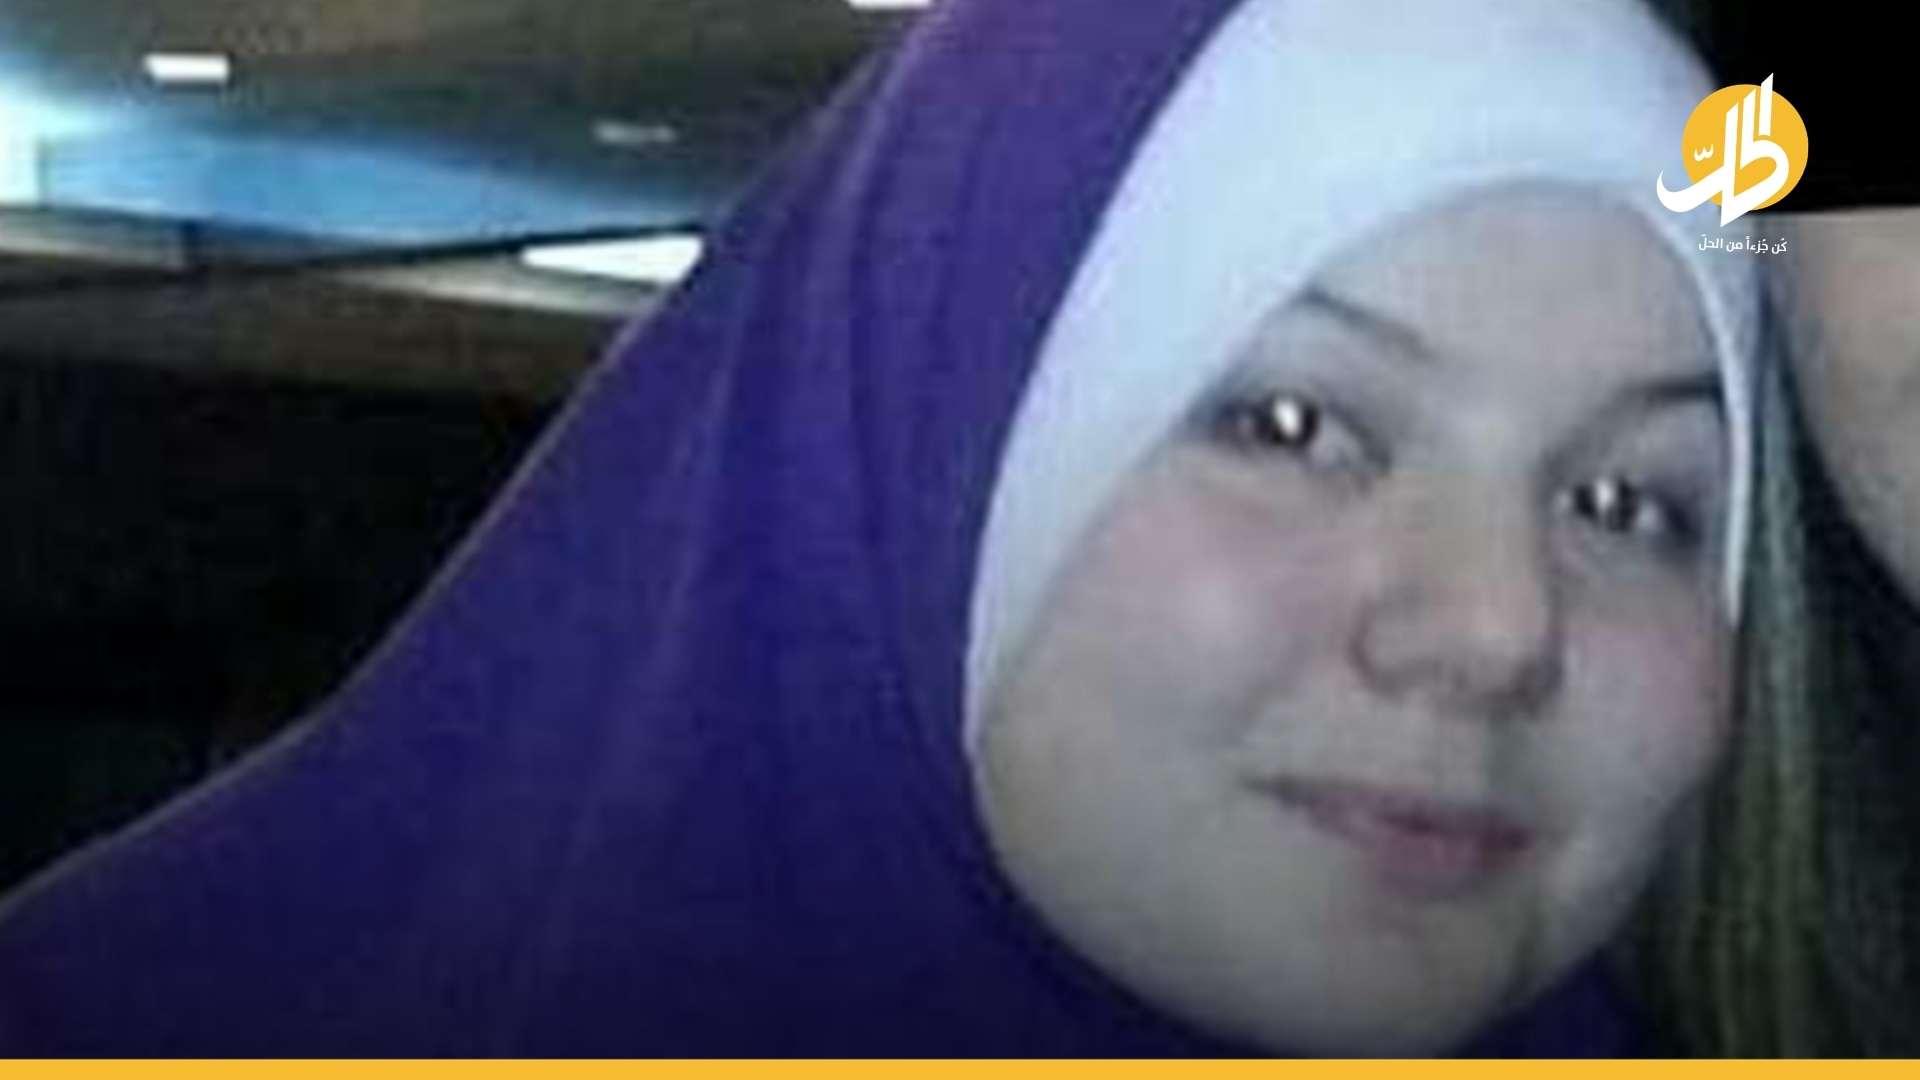 """بعد شهرين فقط من السجن.. تركيا تفرج عن """"عروس"""" داعش رغم الحكم عليها بـ7 سنوات"""